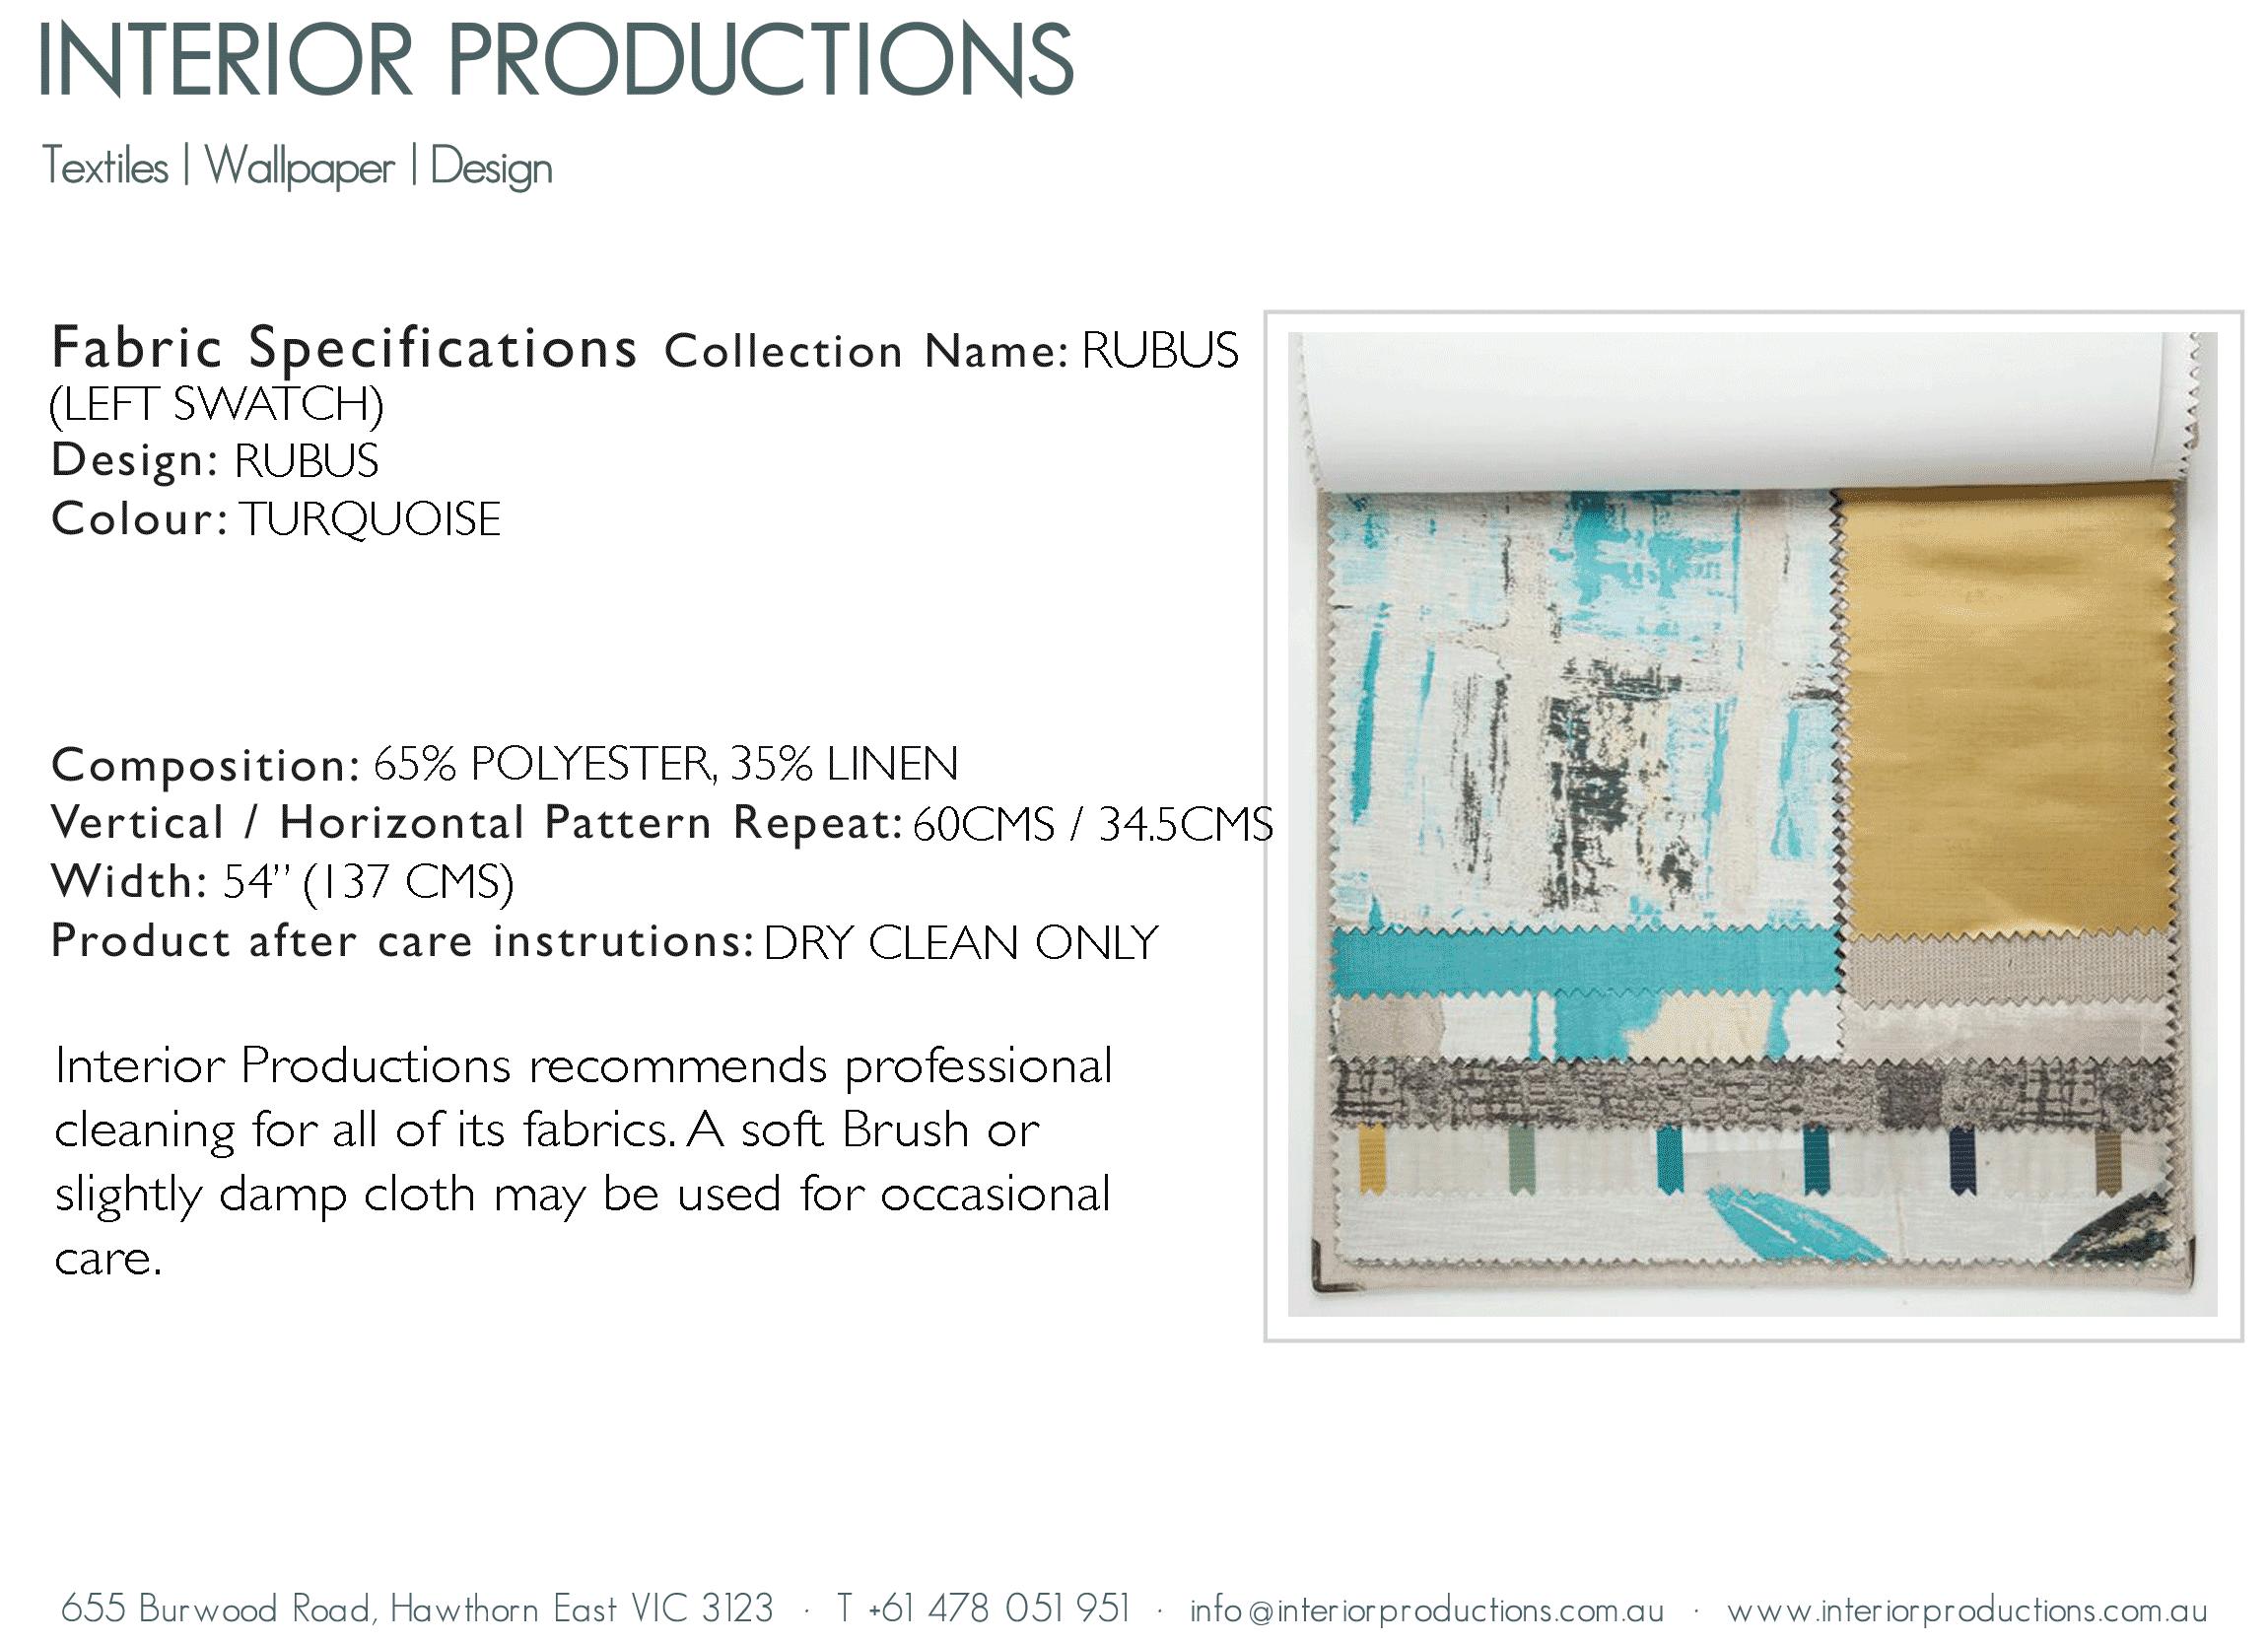 interior_productions_RUBUS---TURQUOISE